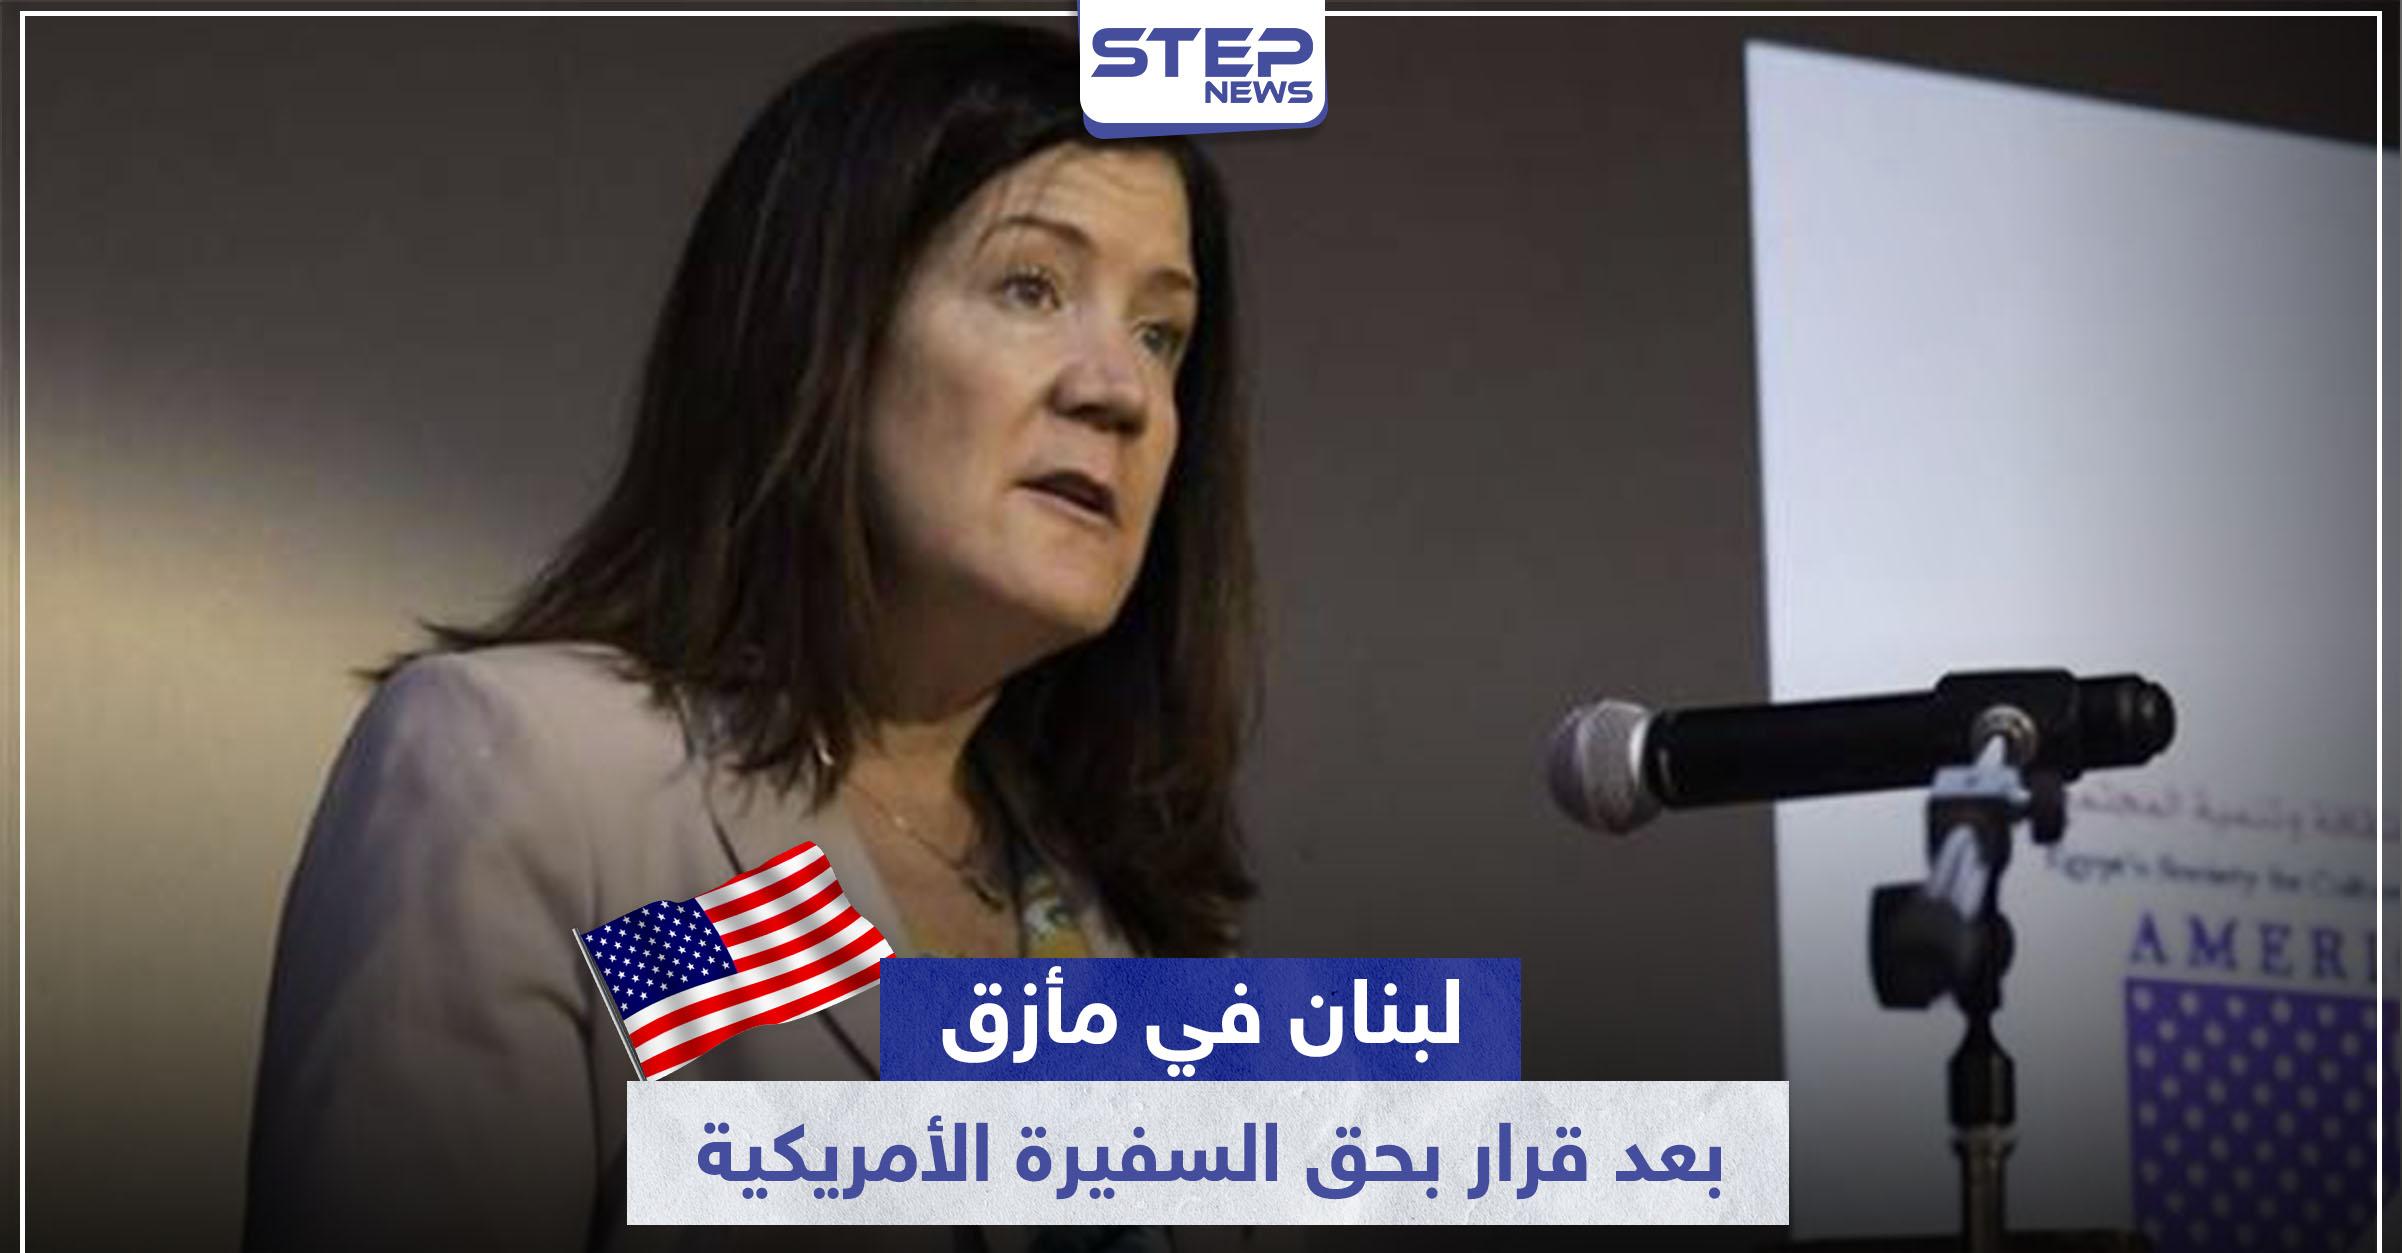 بسبب قرار قضائي من حزب الله بحق السفيرة الأمريكية في بيروت